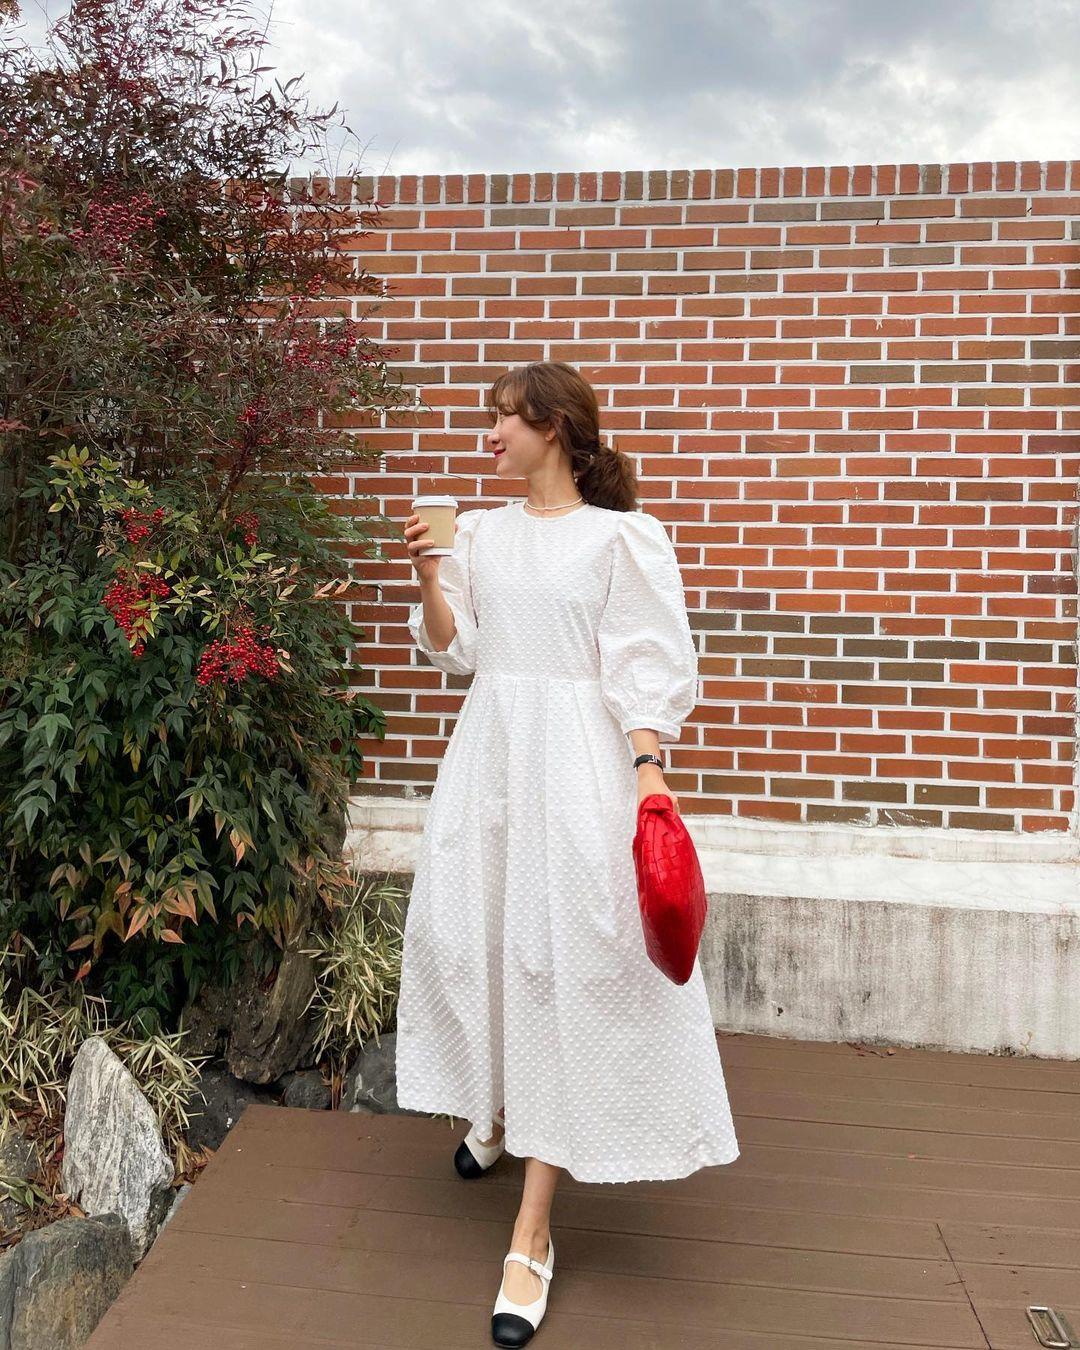 Hè đến là gái Hàn lại diện đủ kiểu váy trắng siêu trẻ xinh và tinh tế, xem mà muốn sắm cả 'lố' về nhà - Ảnh 2